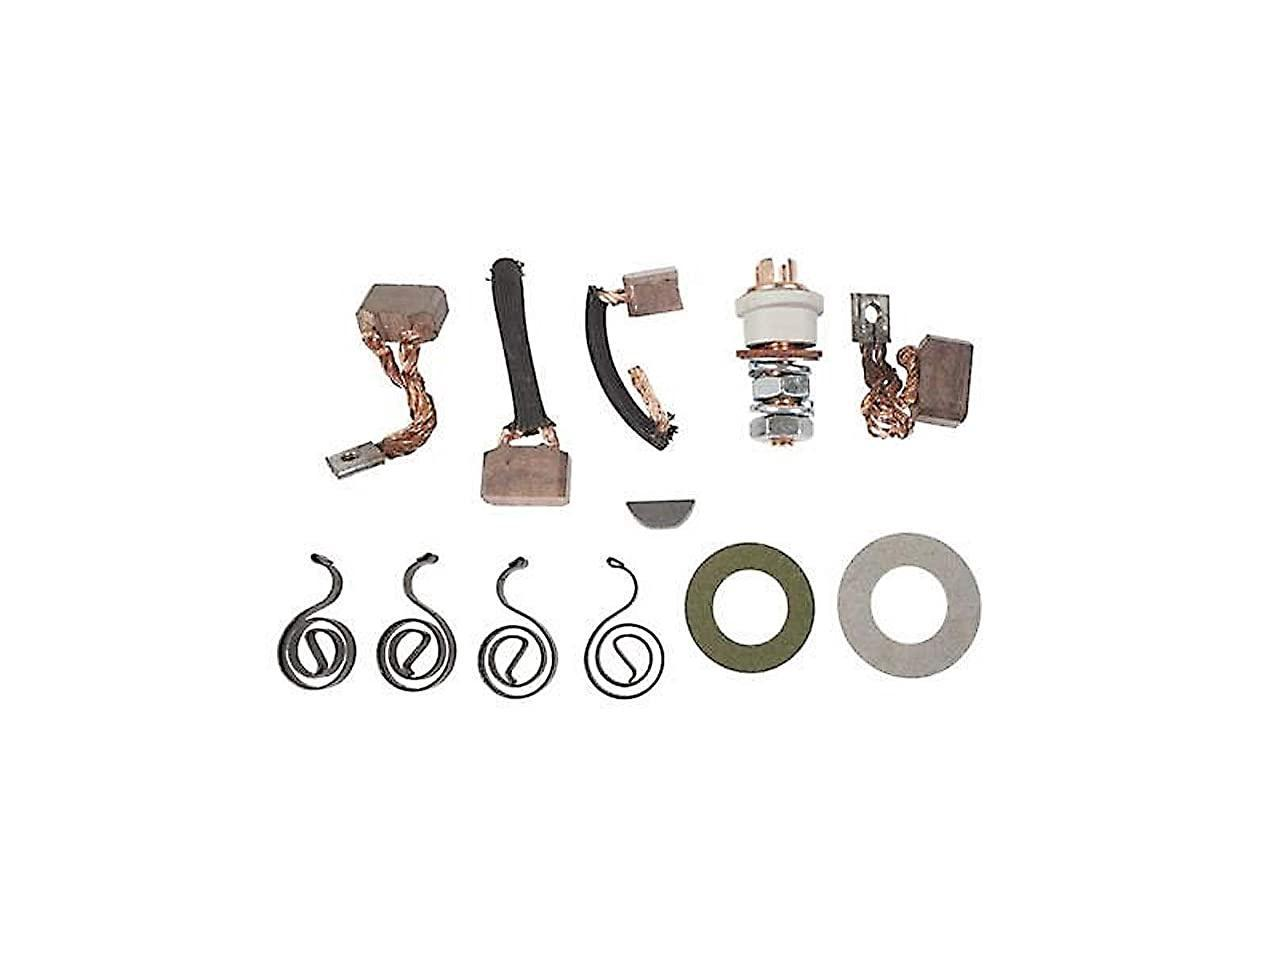 Srk401 Starter Repair Kit For Ford Tractors